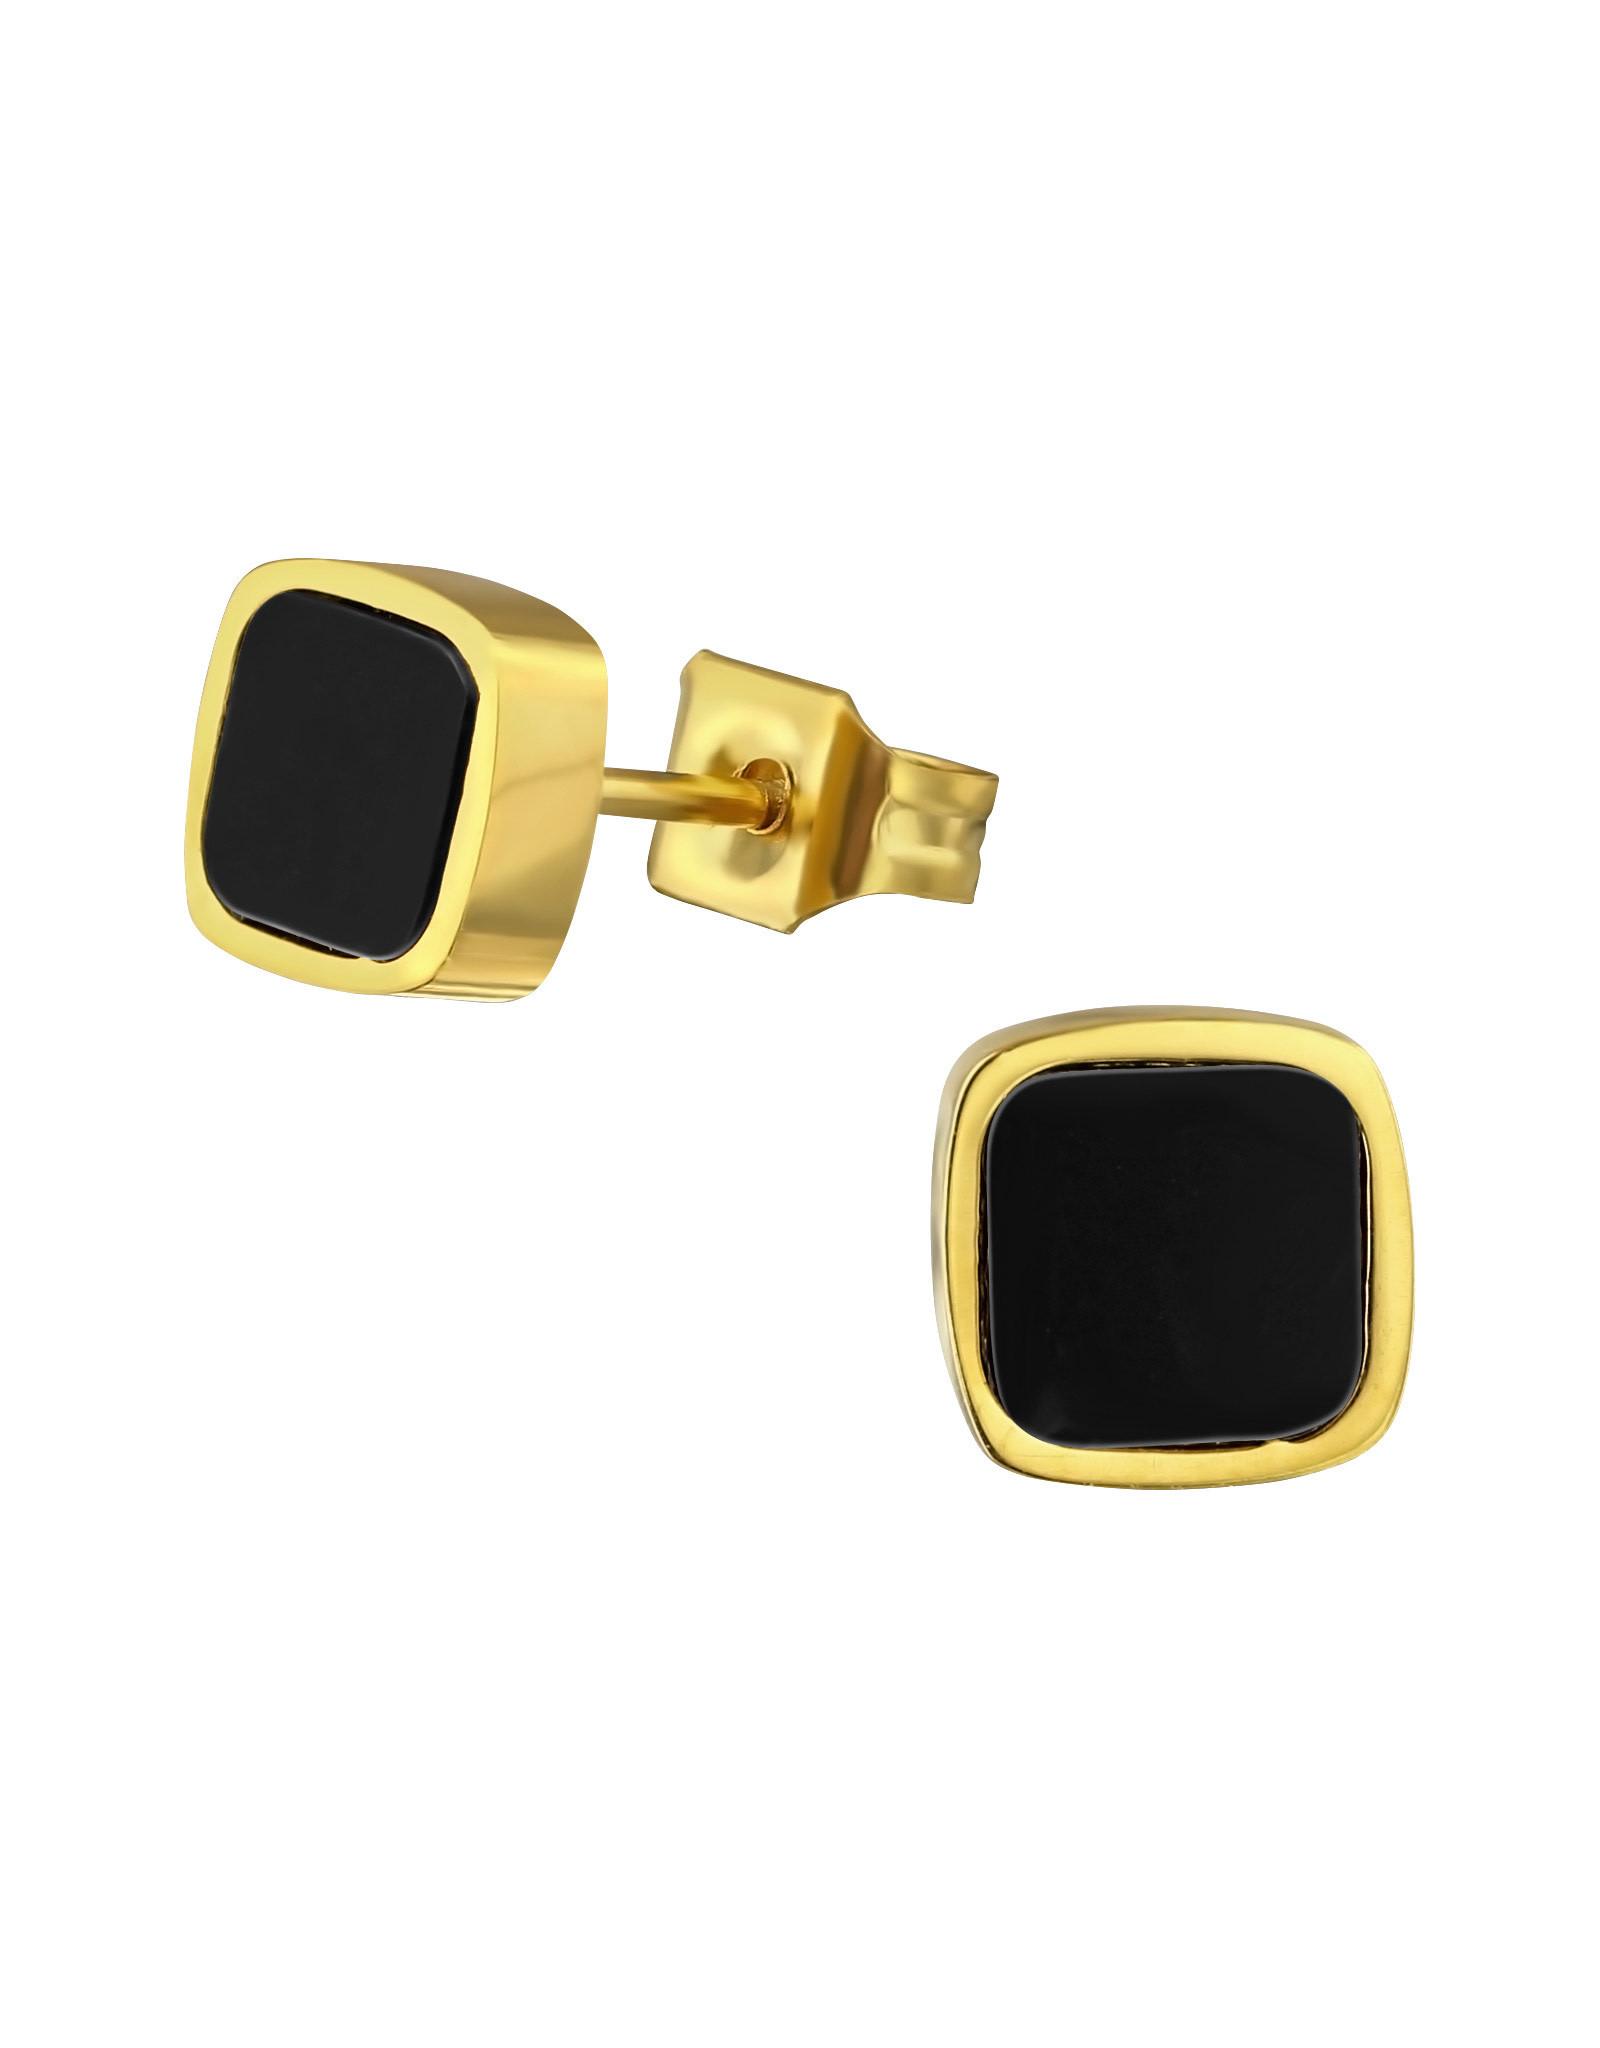 Stekertjes vierkant zwart goudkleurig